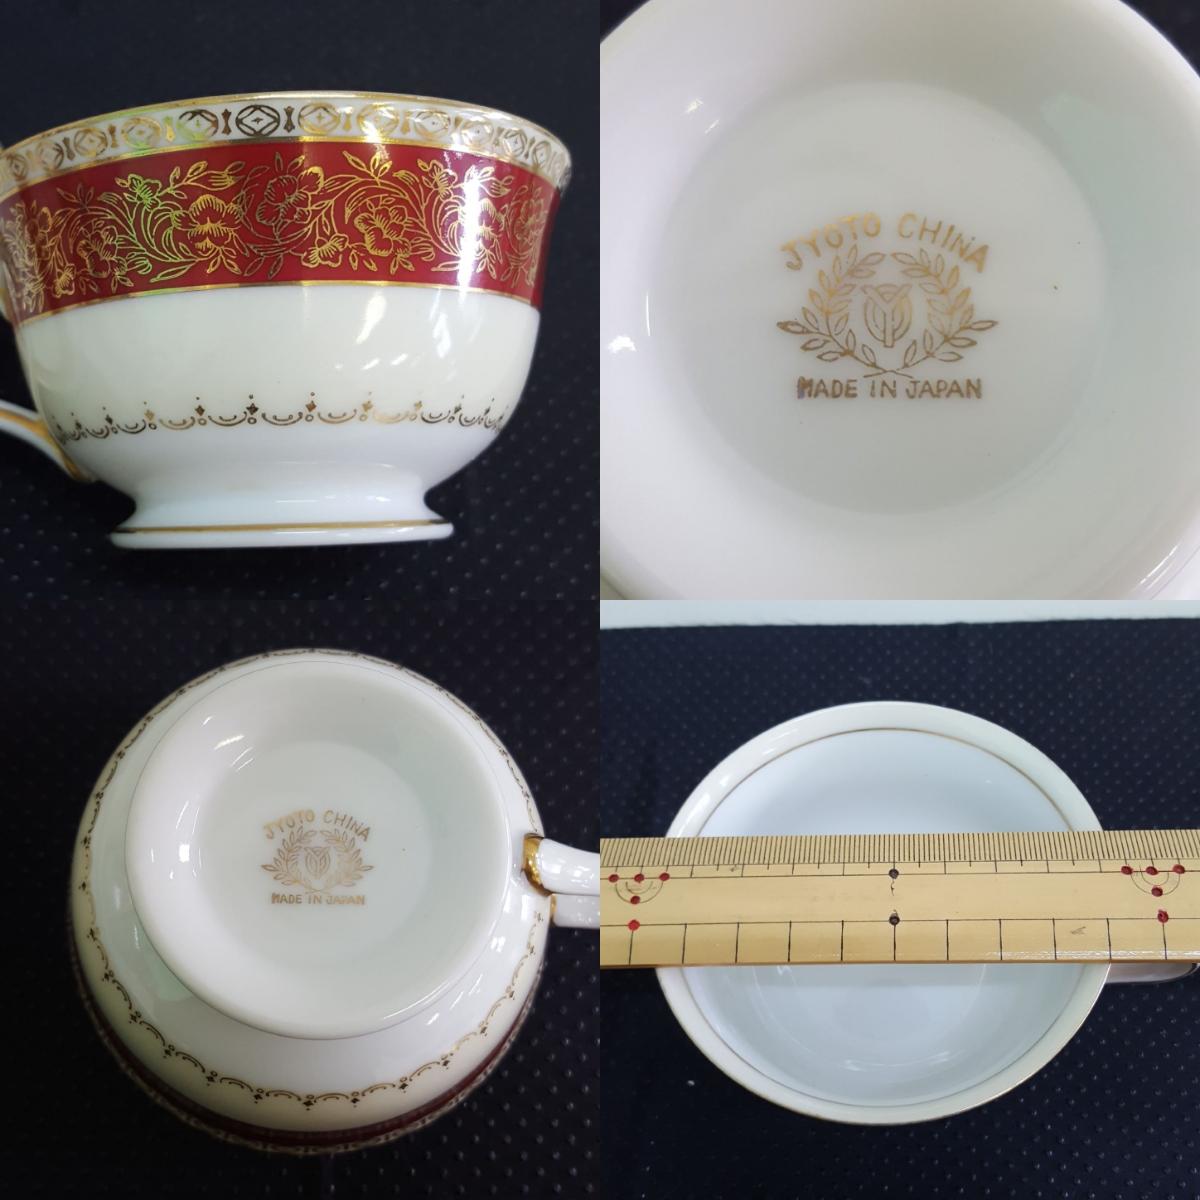 山口陶器 JYOTO 陶器 CHINA カップ&ソーサー 昭和レトロ 金彩_画像2